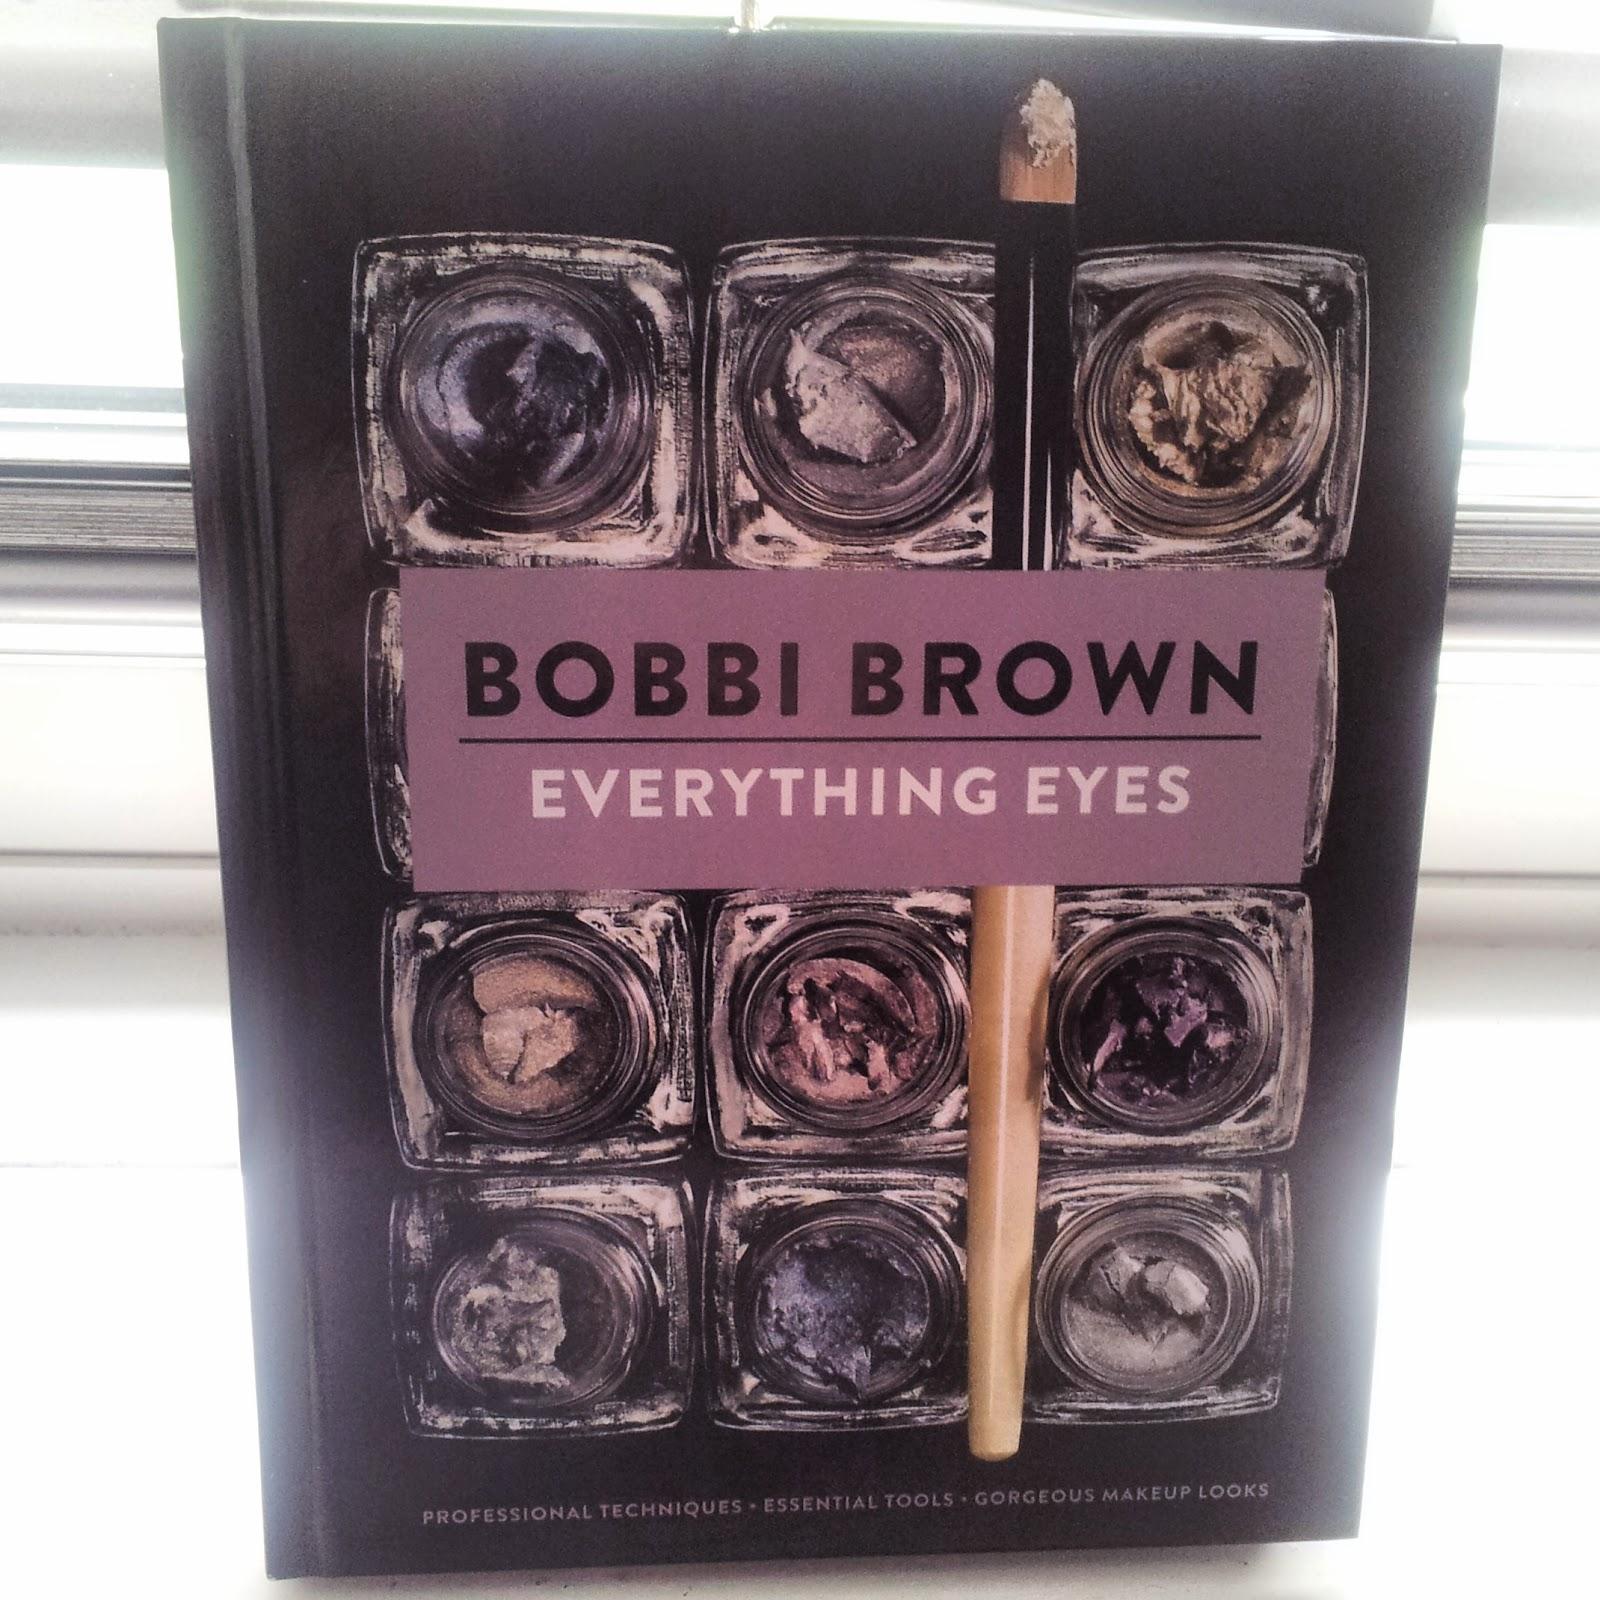 Bobbi brown everything eyes book make-up artist